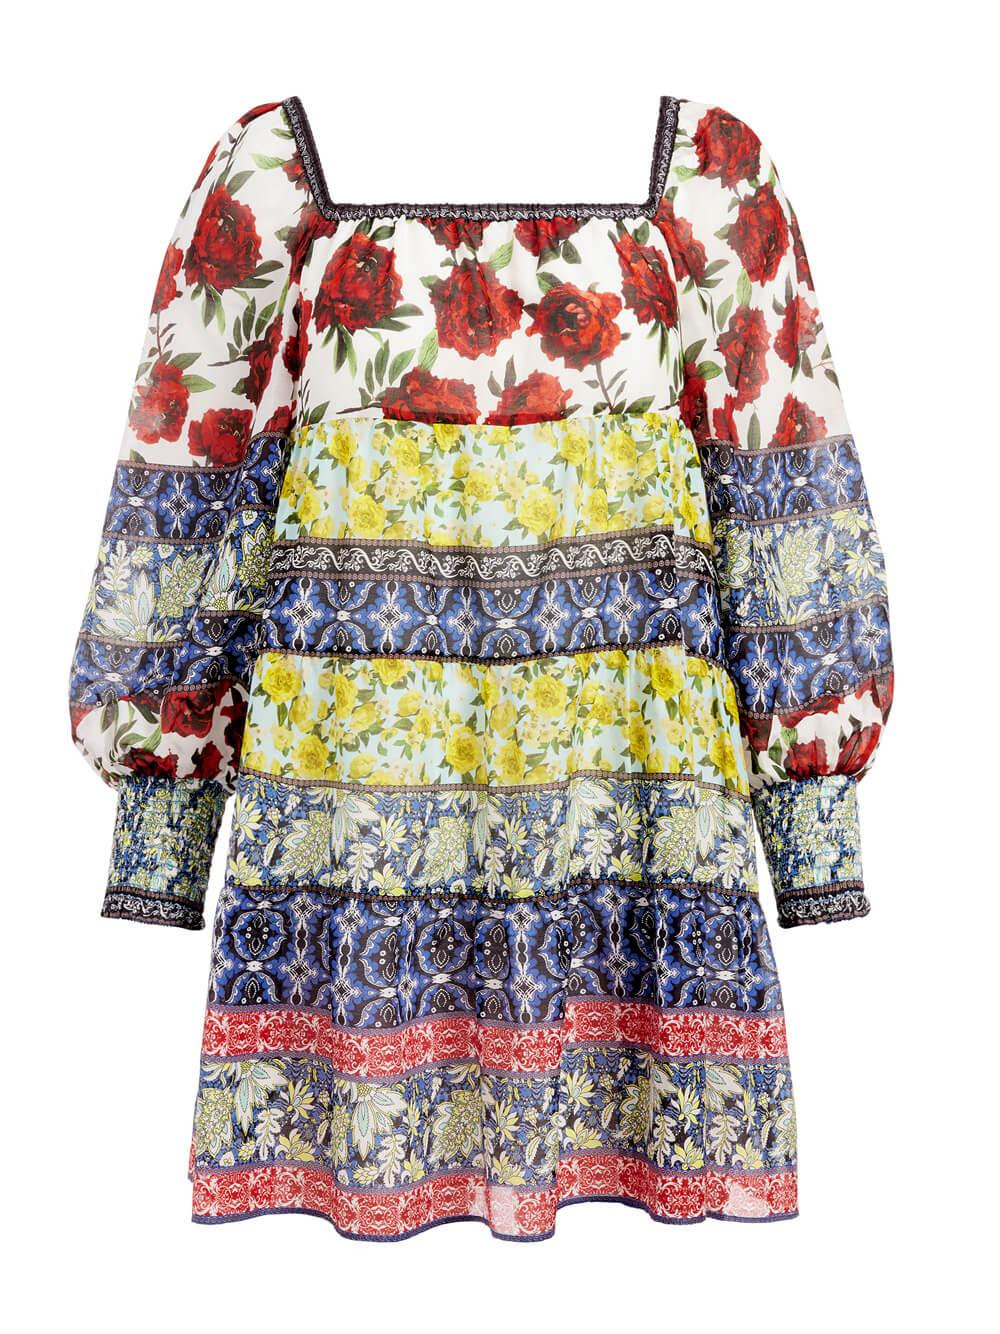 Rowen Dress Item # CC103P29508